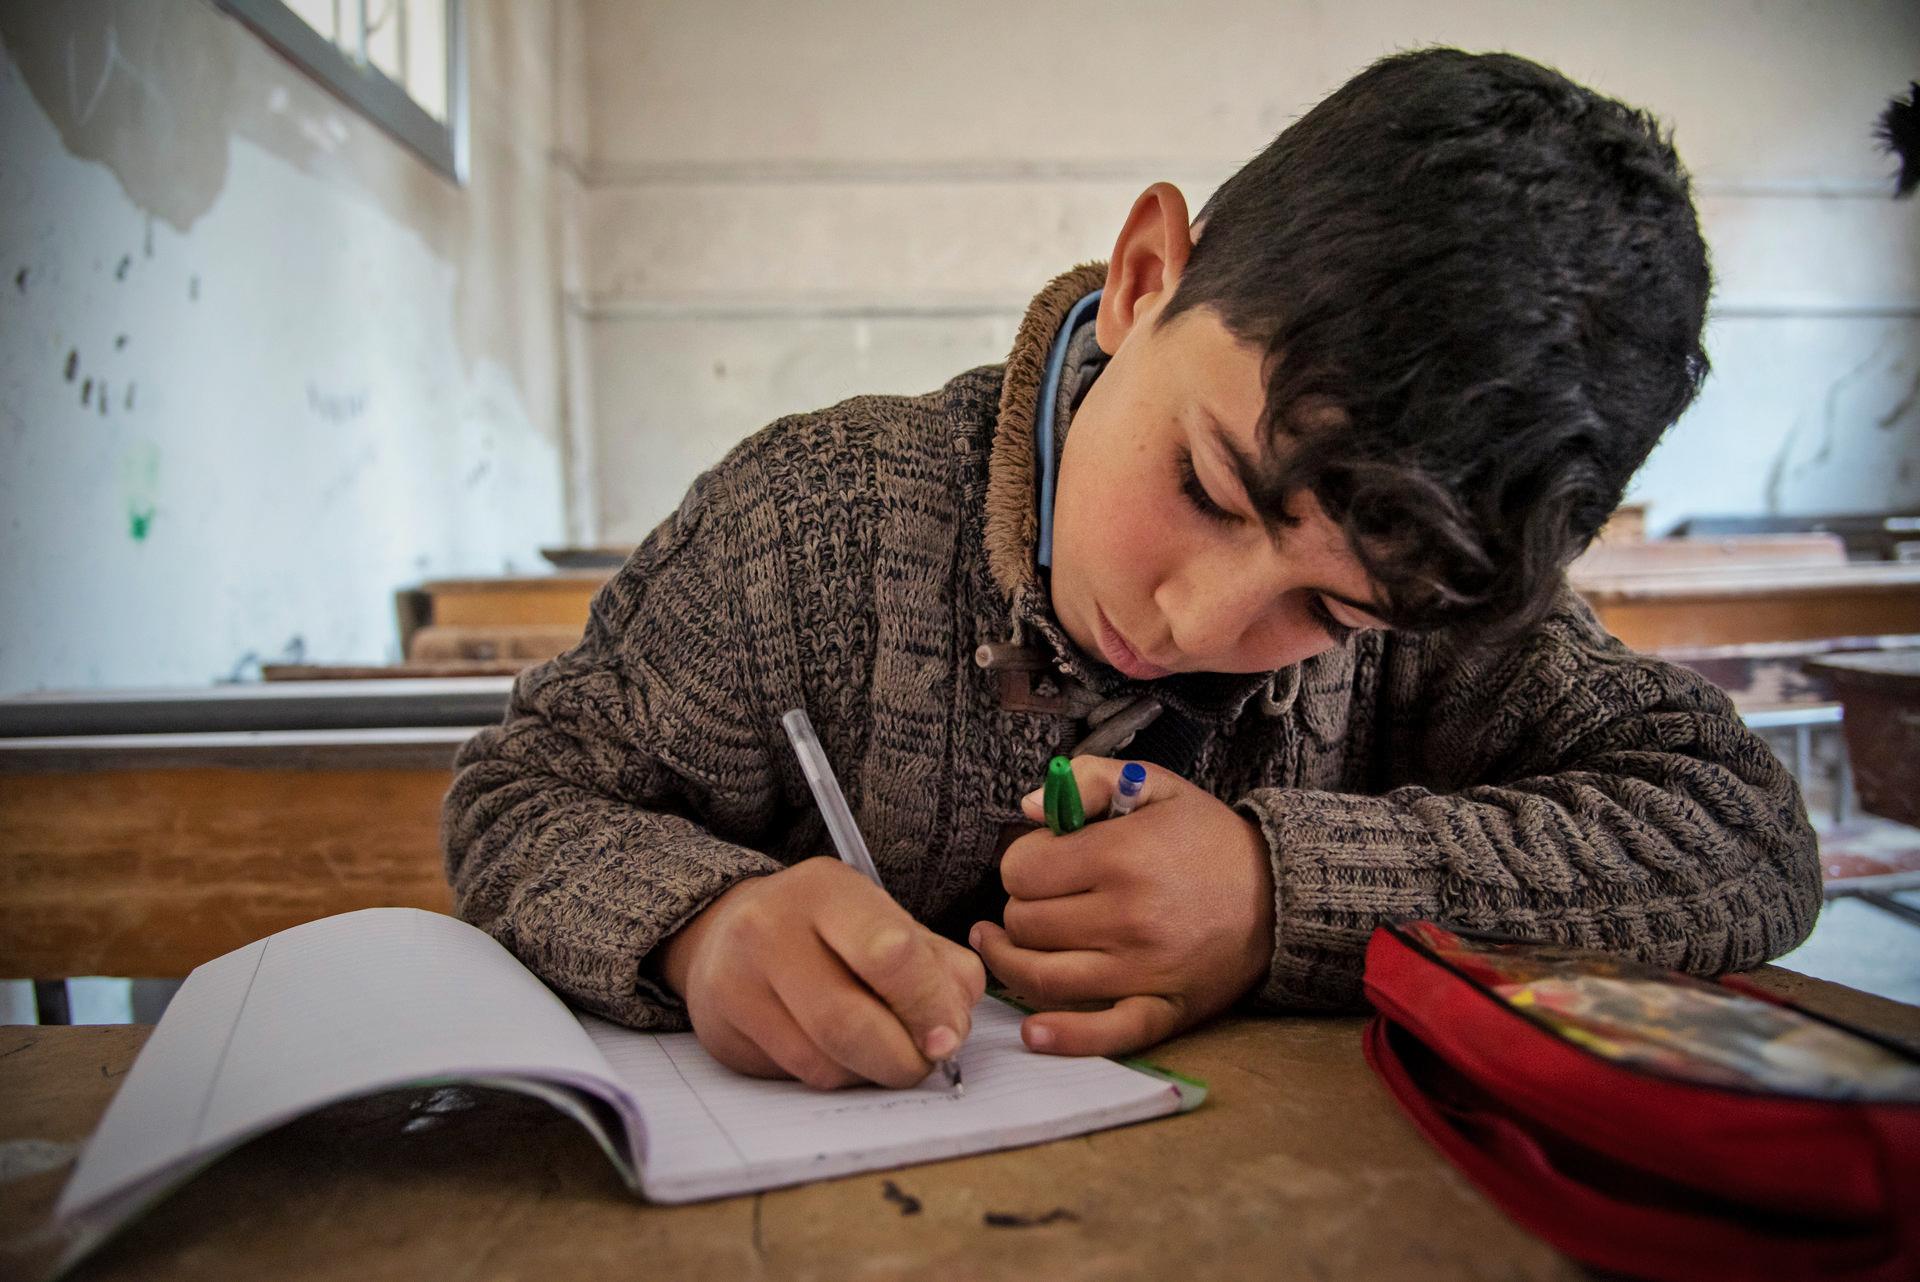 Poika kirjoittaa vihkoon luokassa.